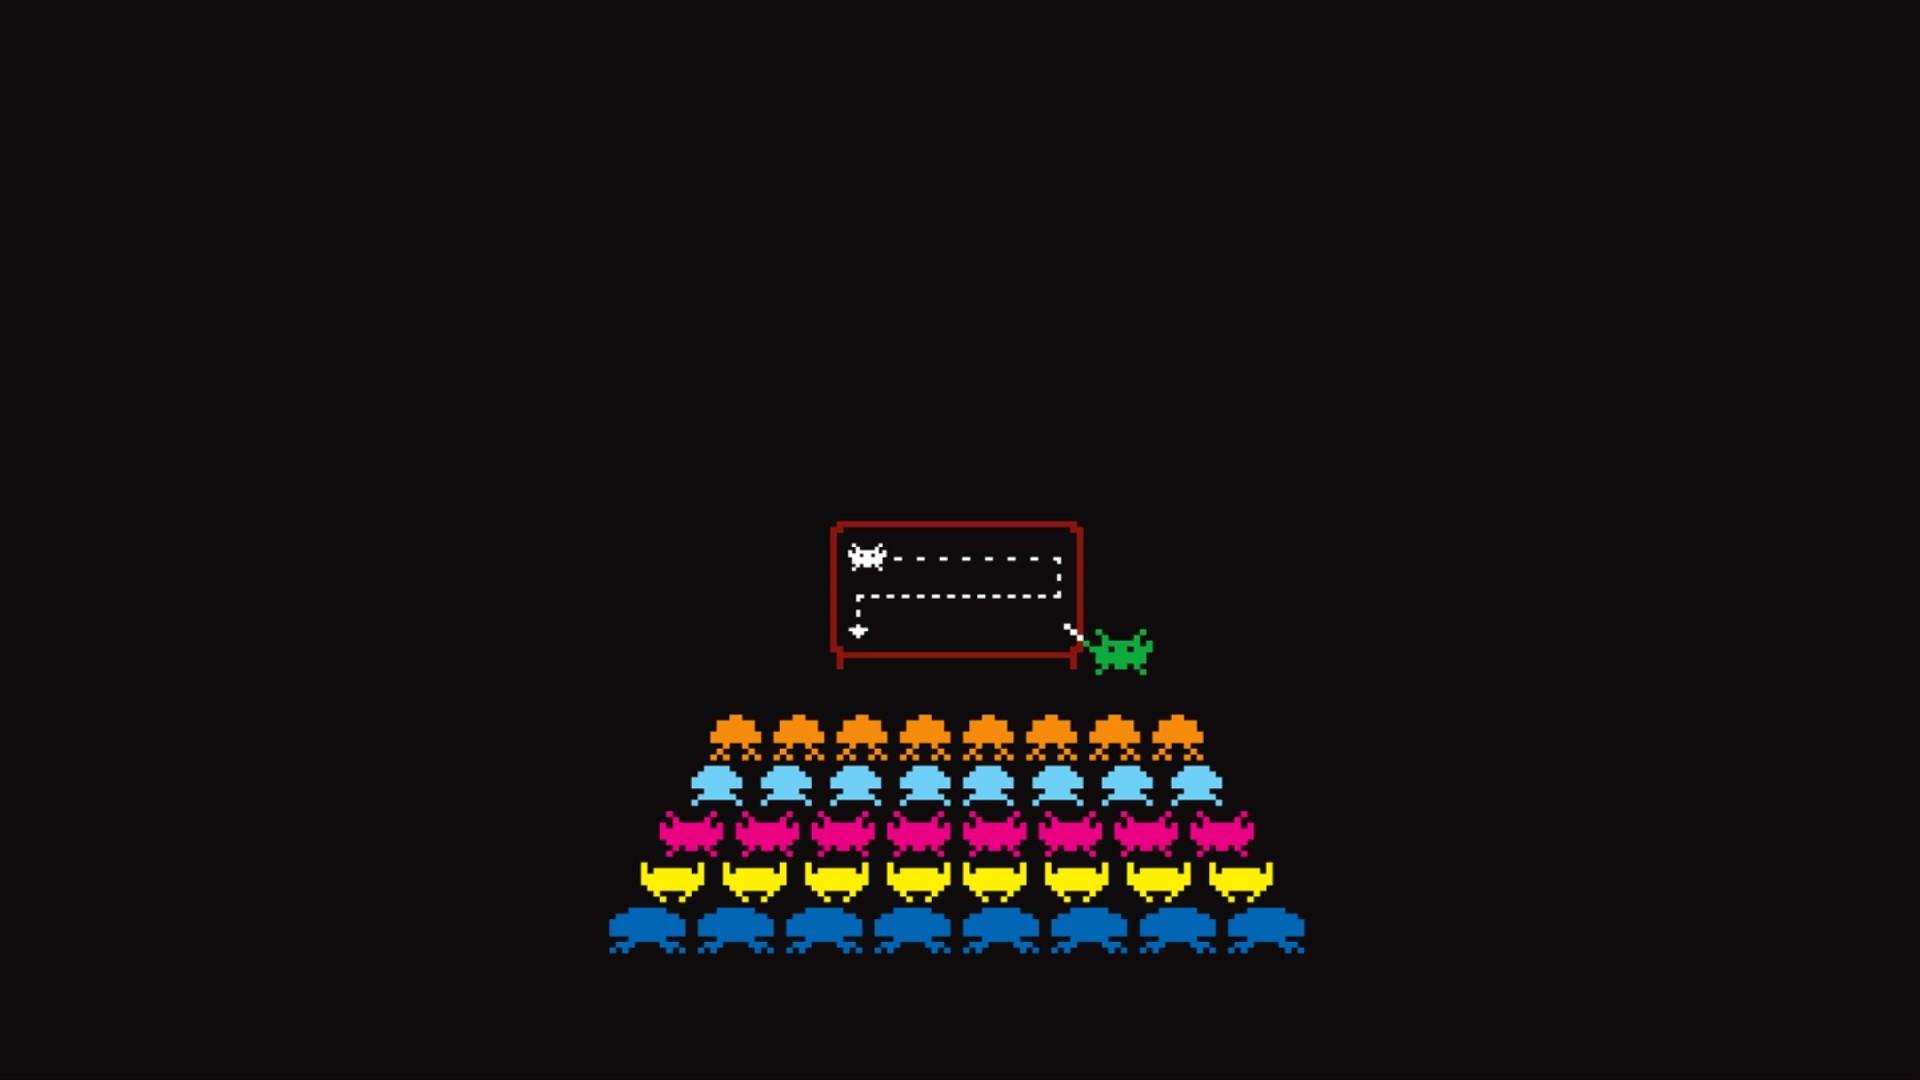 インベーダー - ゲーム ー 無料ゲーム ...